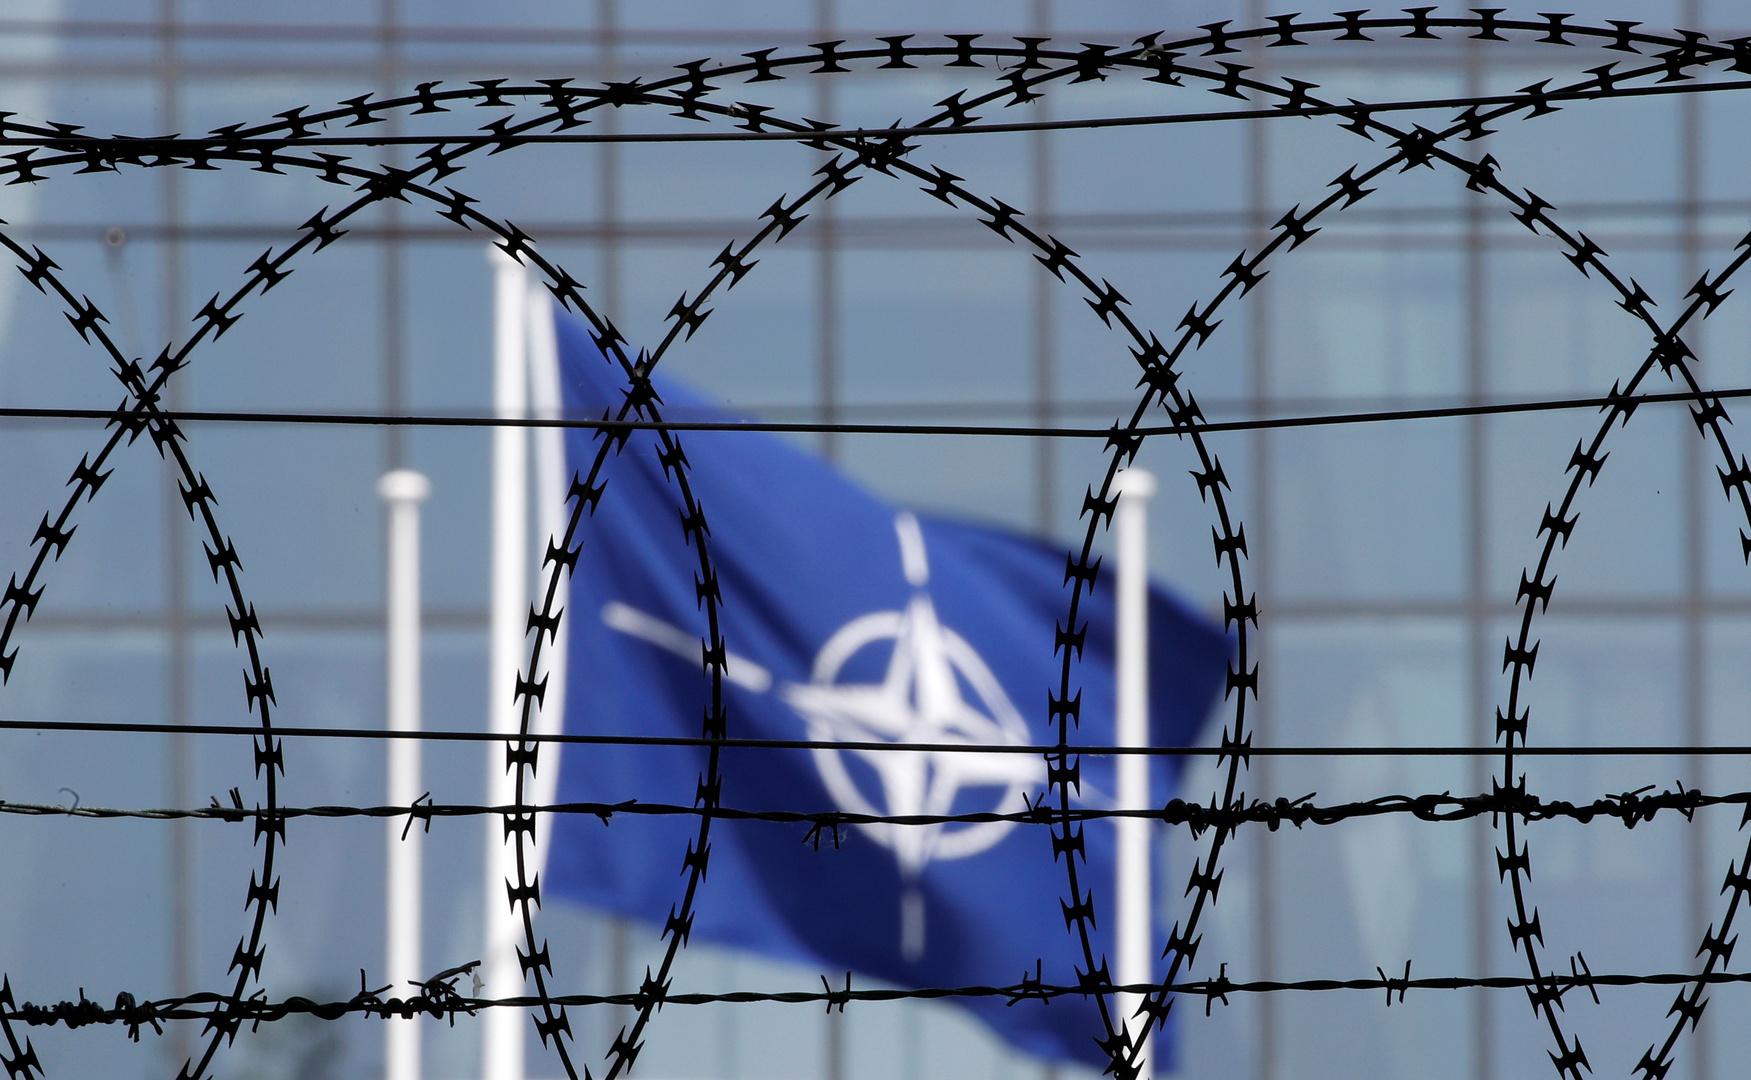 الناتو يدرس مسألة عدم نشر صواريخ نووية في أوروبا